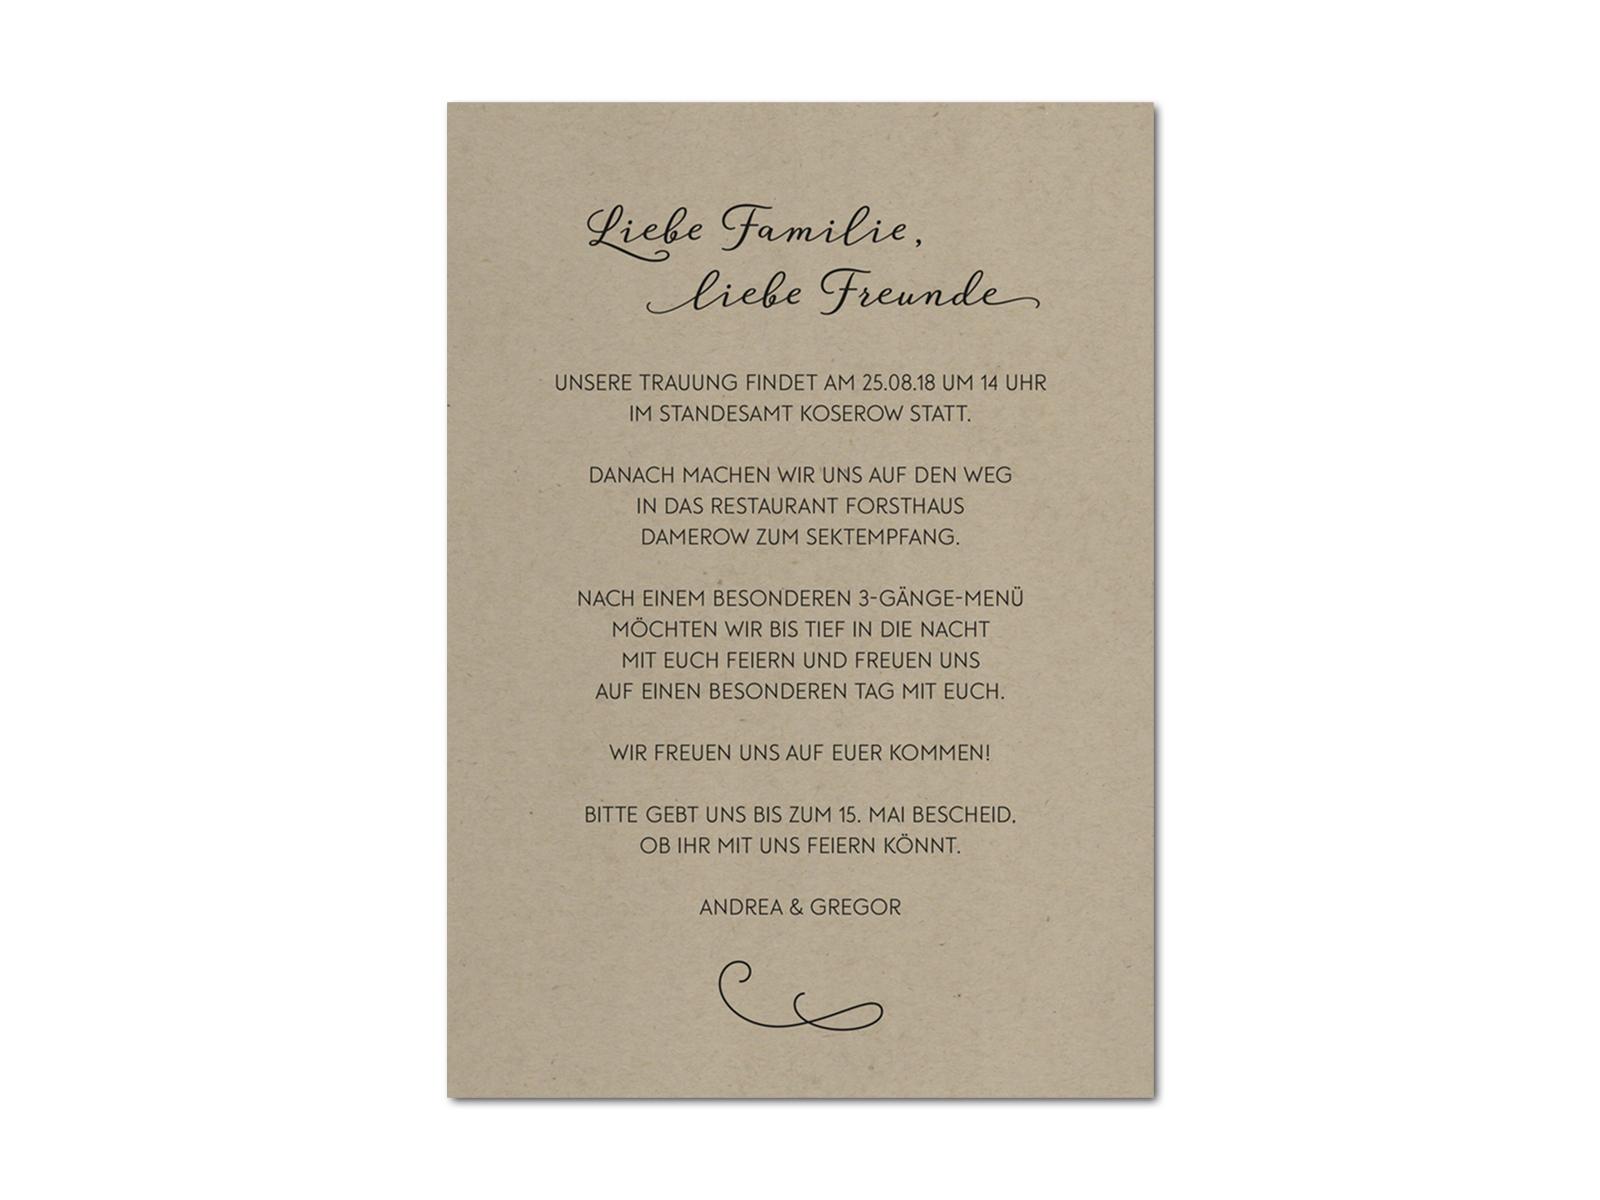 Hochzeit Einladung Nur Zum Sektempfang